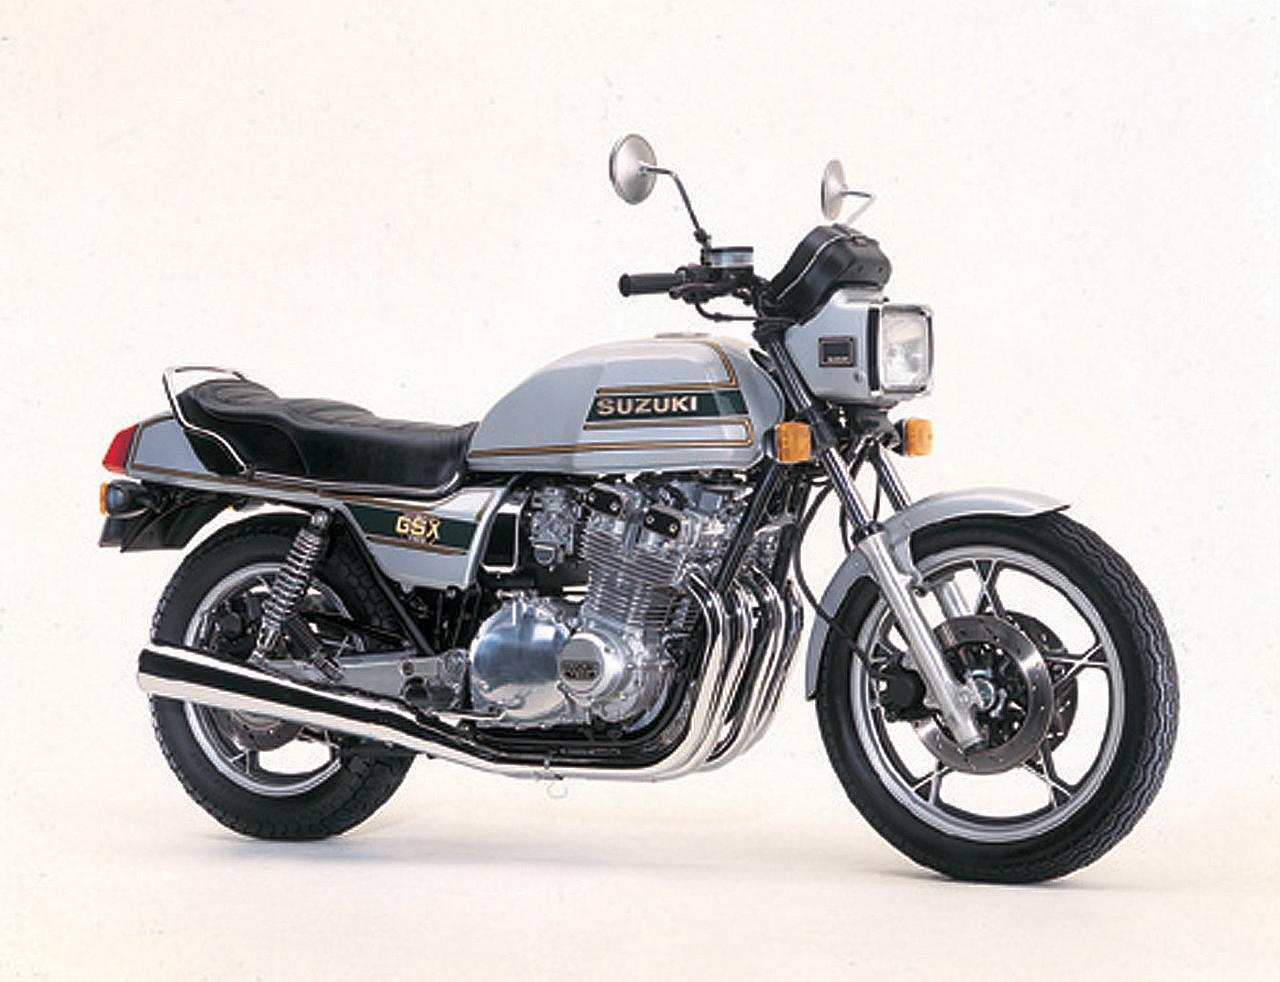 画像: GS1000の後継機として1980年に登場したGSX1100E。エンジンは1075ccにスケールアップされ、ヘッドは4バルブ化。燃焼効率を高めるTSCCを採用して105馬力をマークした。